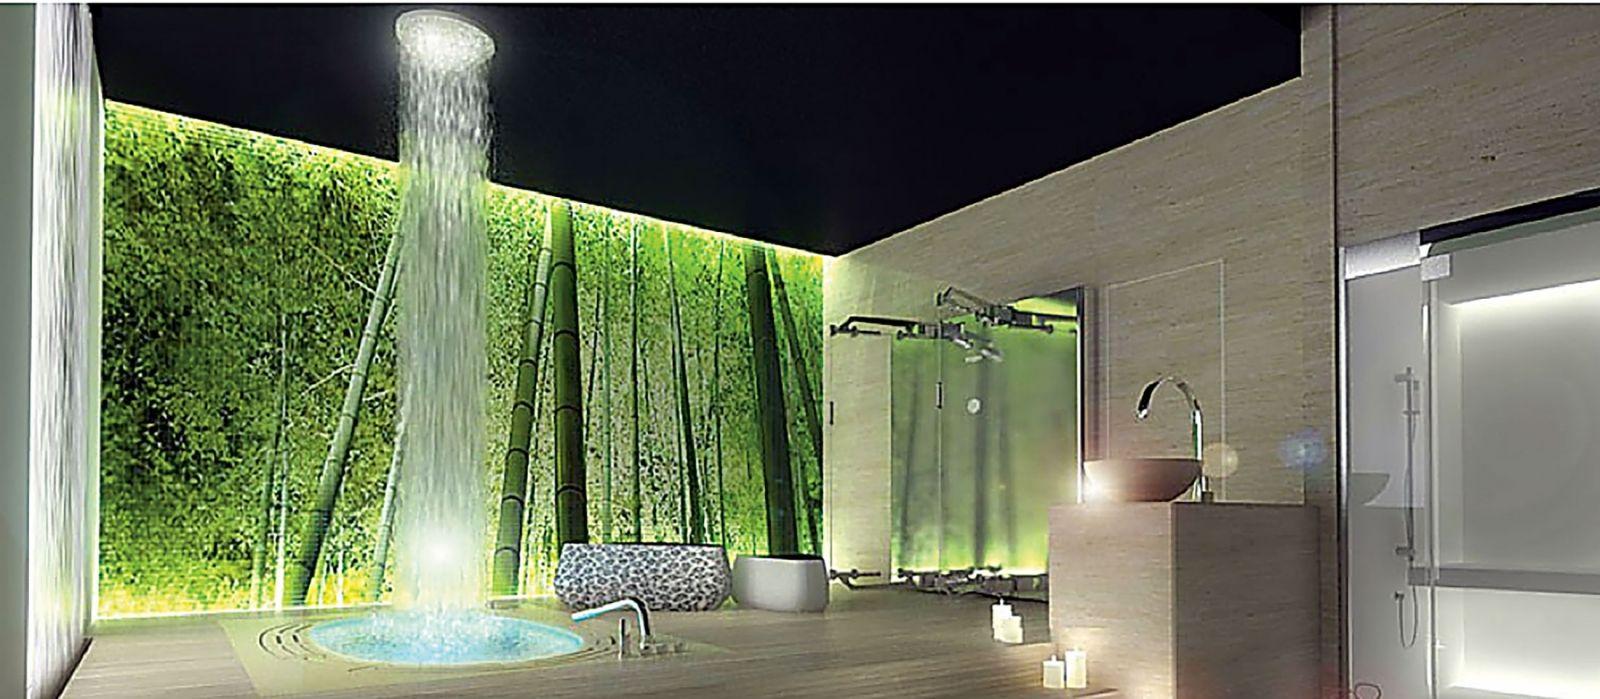 À la fois simple, mais aussi luxueuse, voici une salle de bain zen